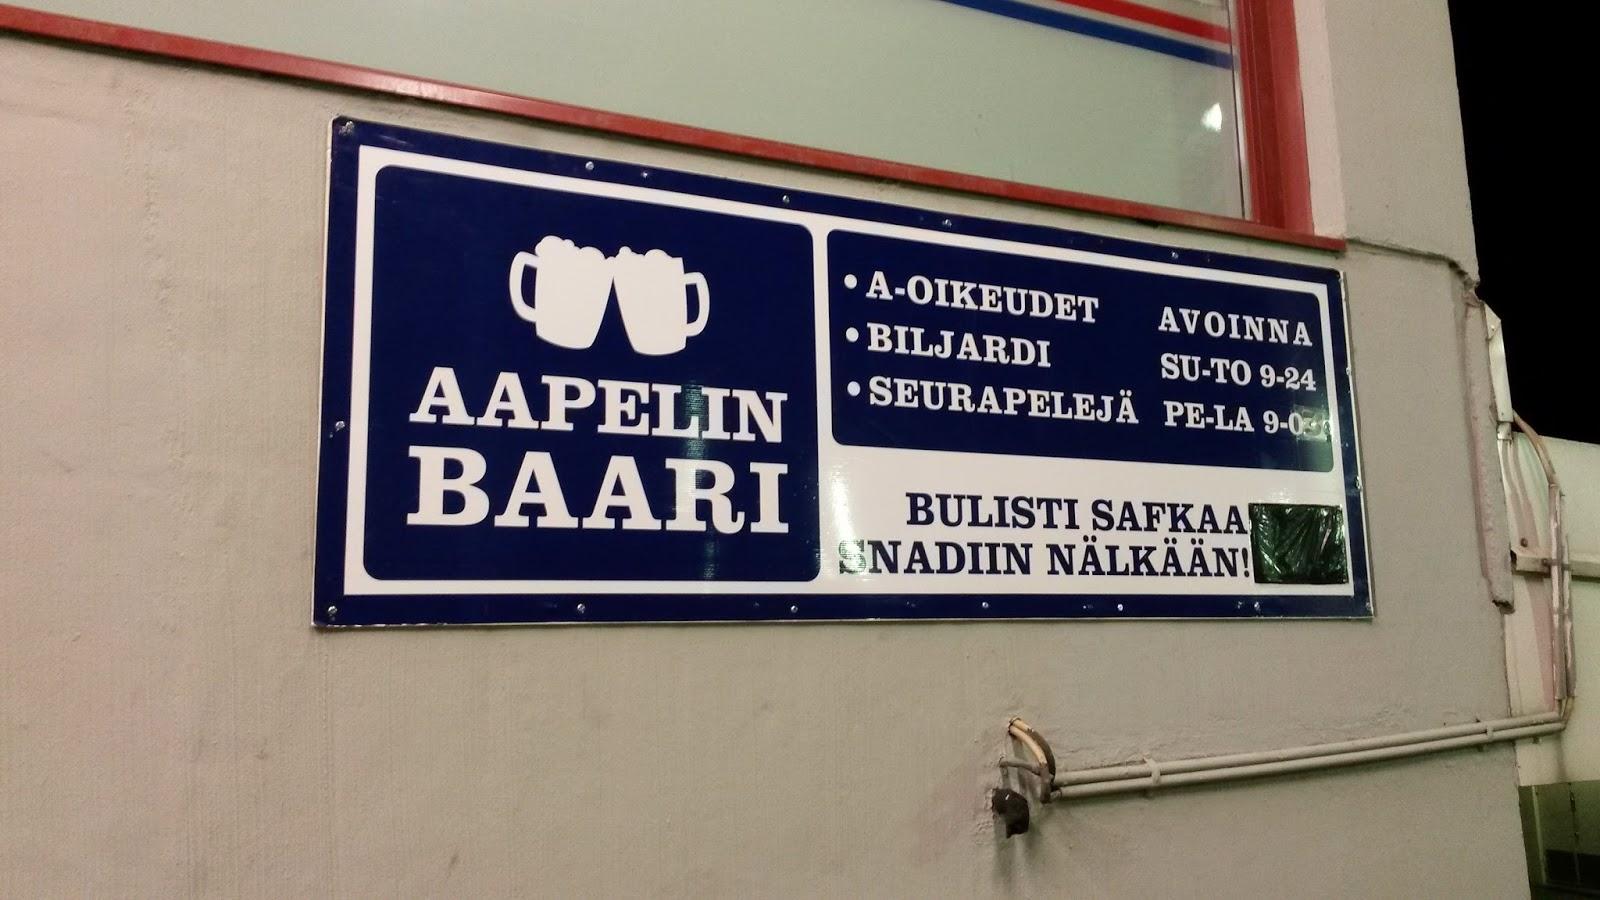 Aapelin Baari